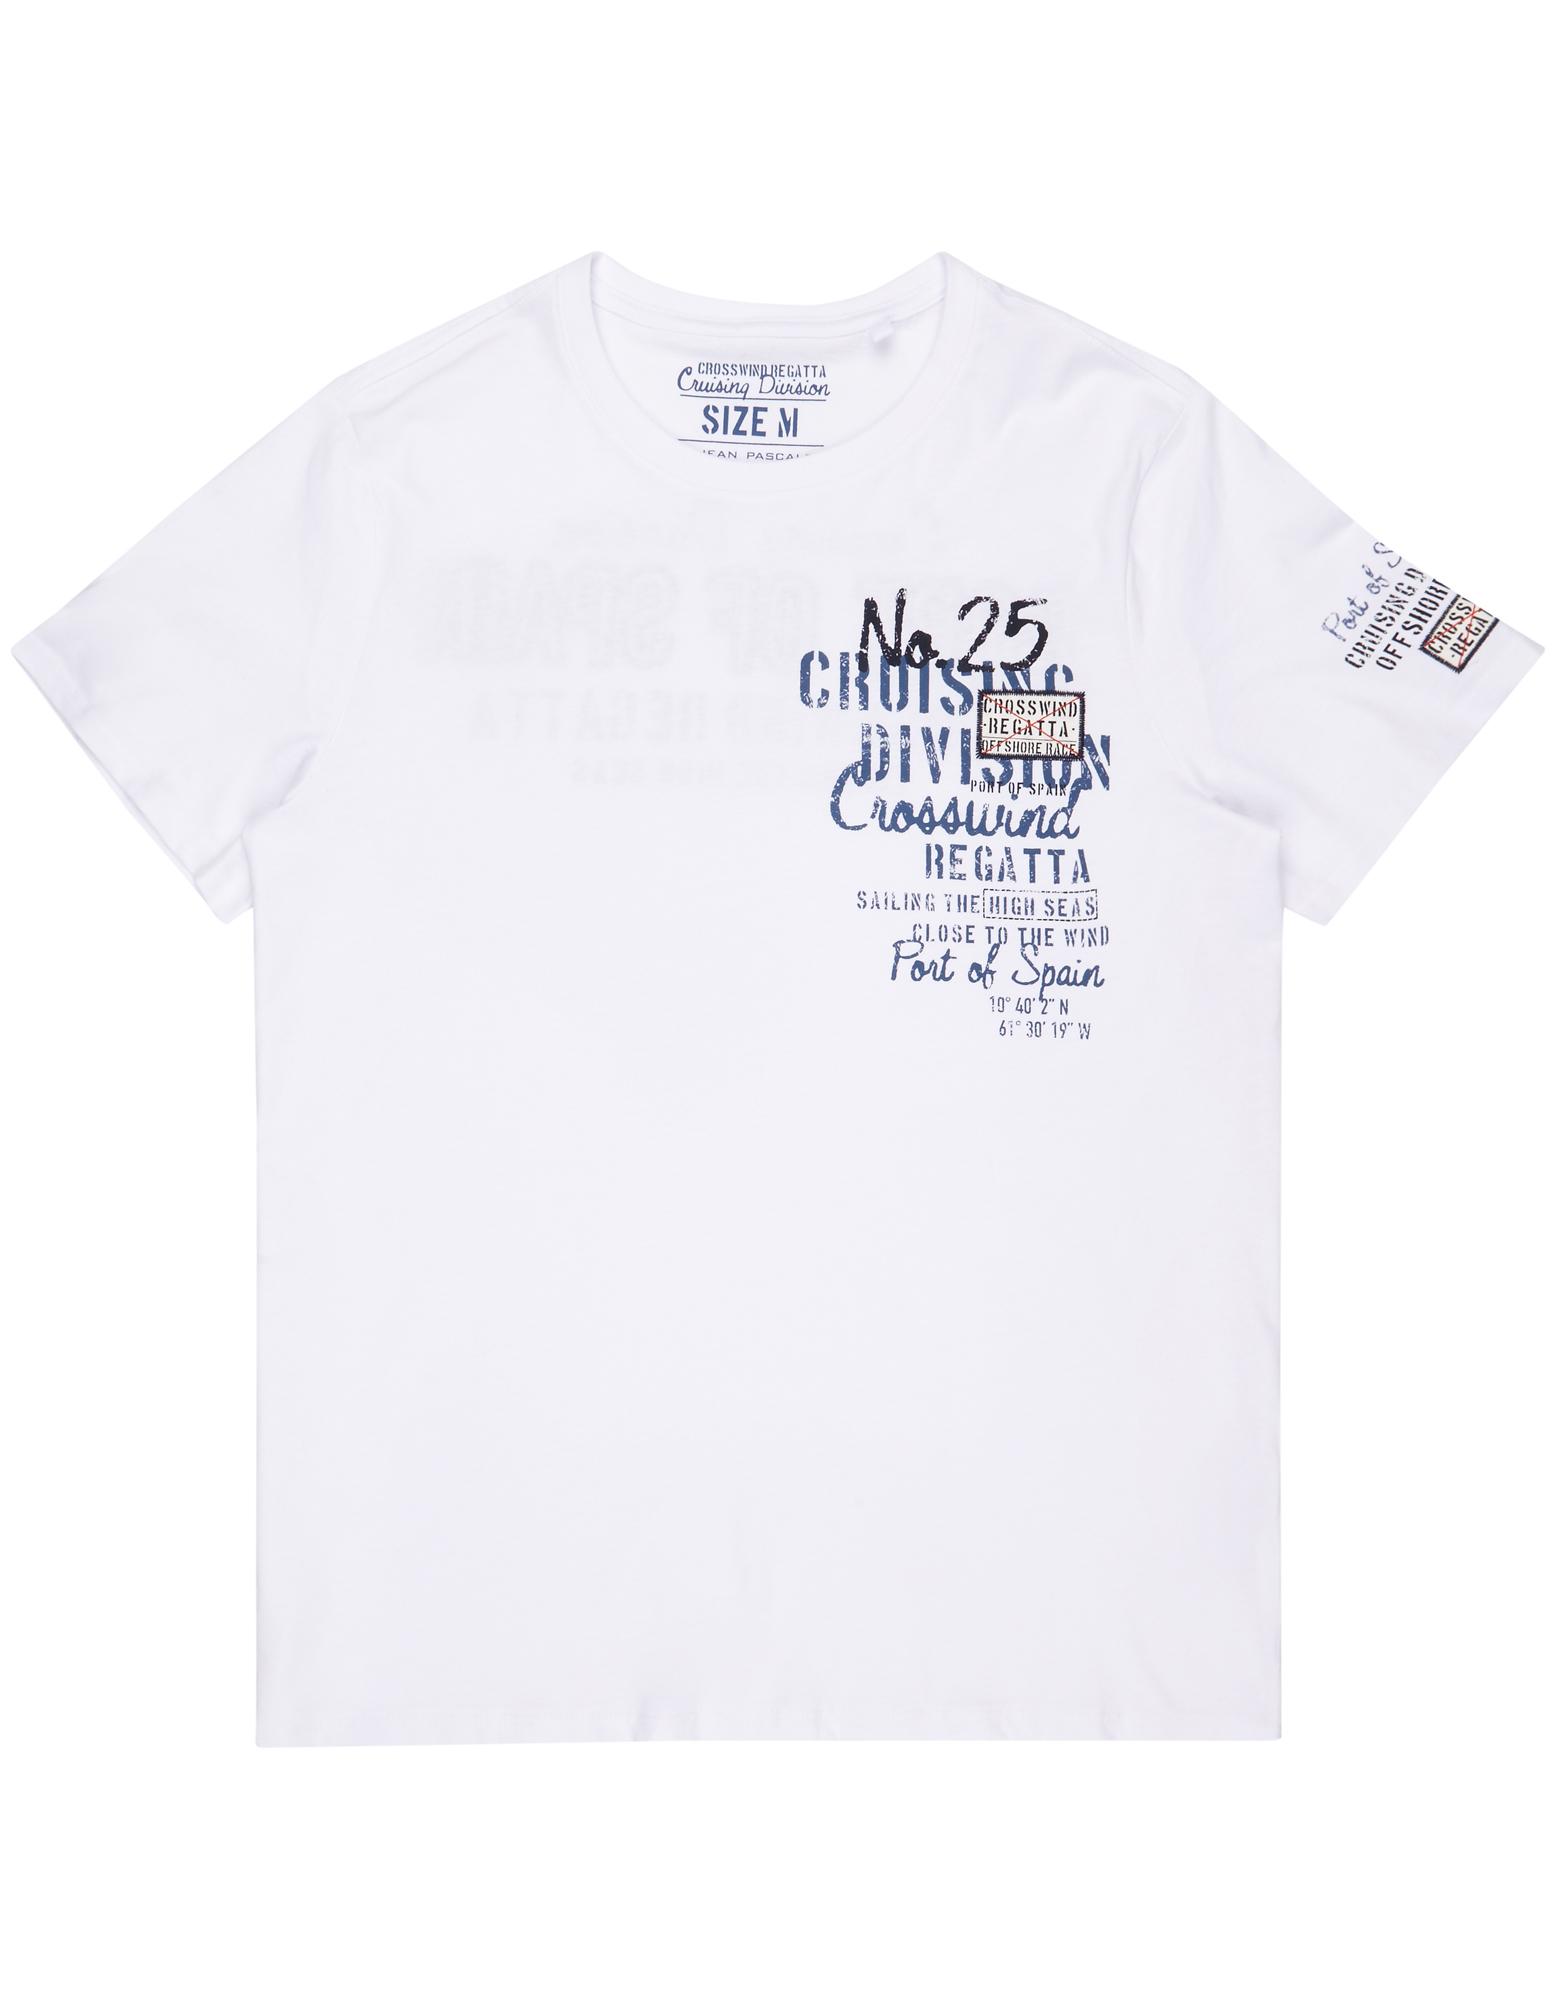 Herren T-Shirt mit Print und Aufnäher    81466731000606